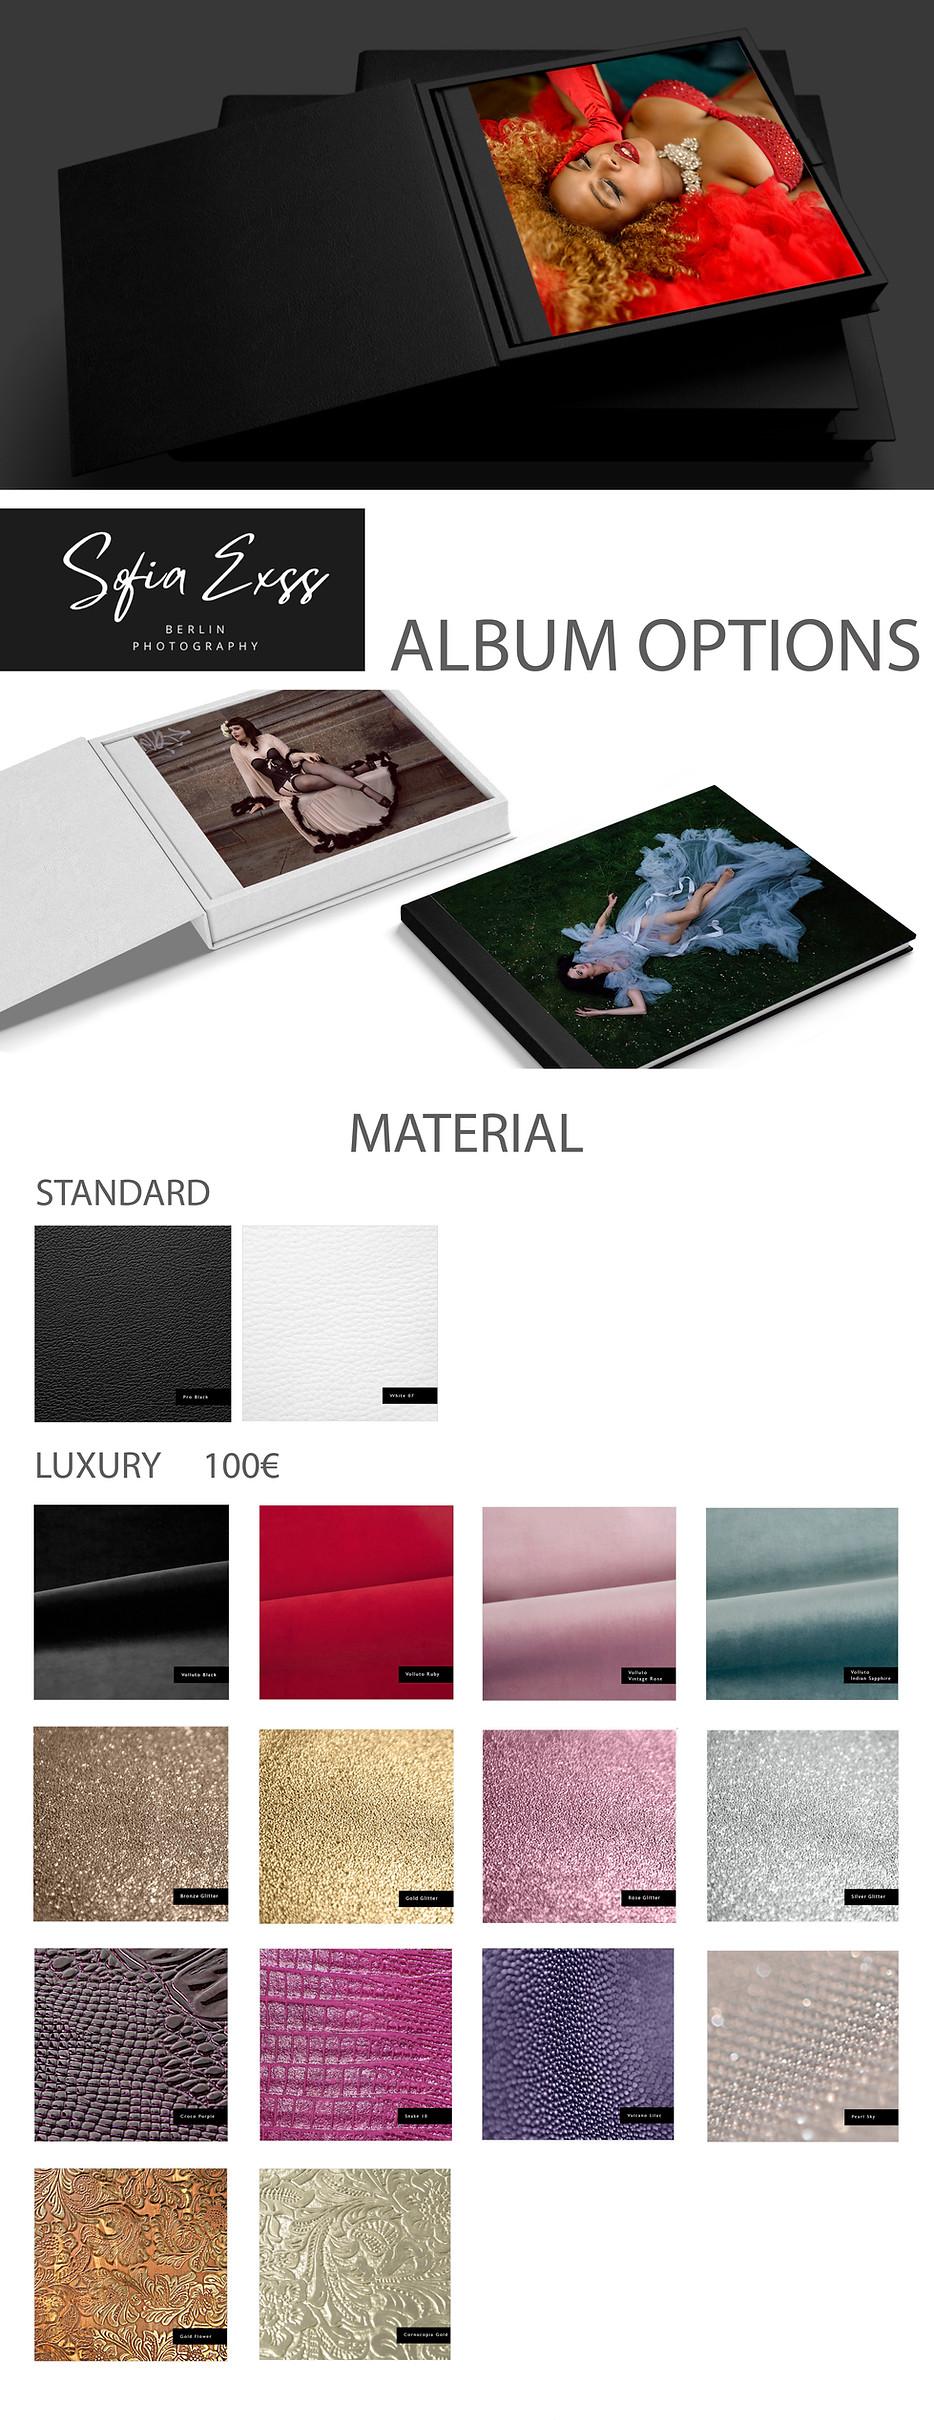 Albums1 copy.jpg